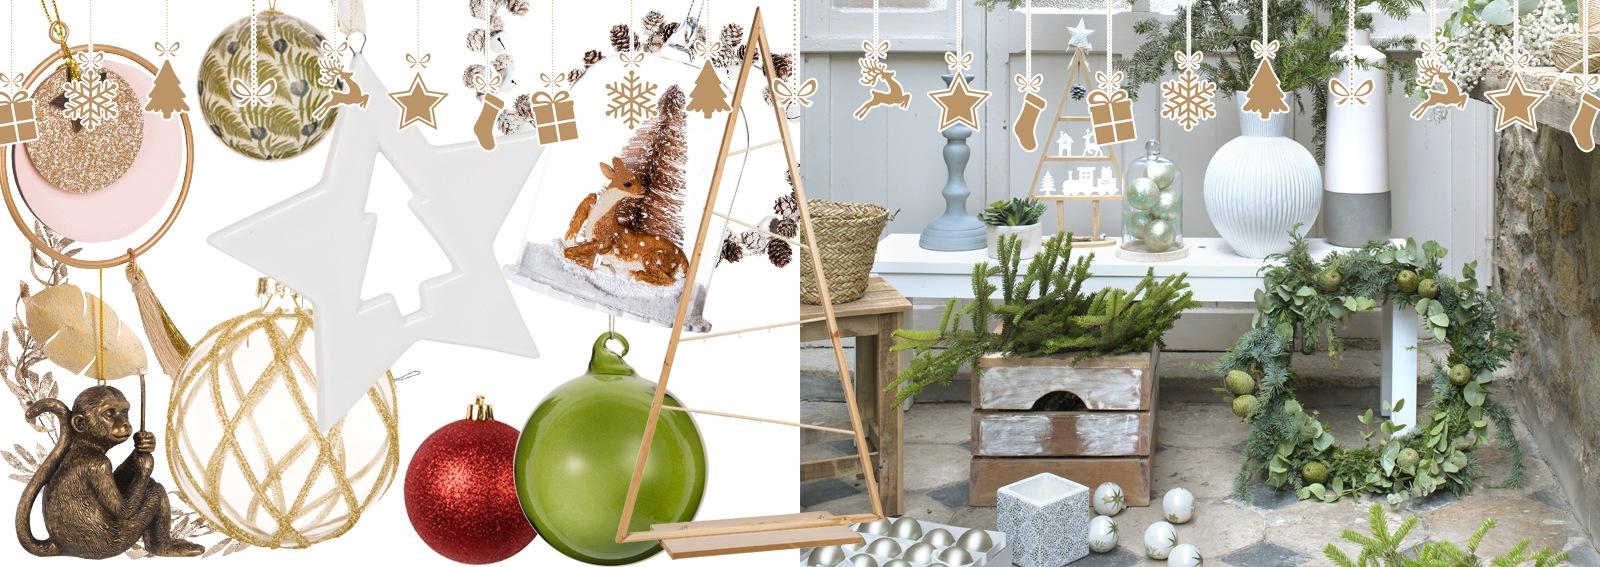 Maisons Du Monde Natale 2015 : Maisons du monde natale tutte le idee più belle grazia